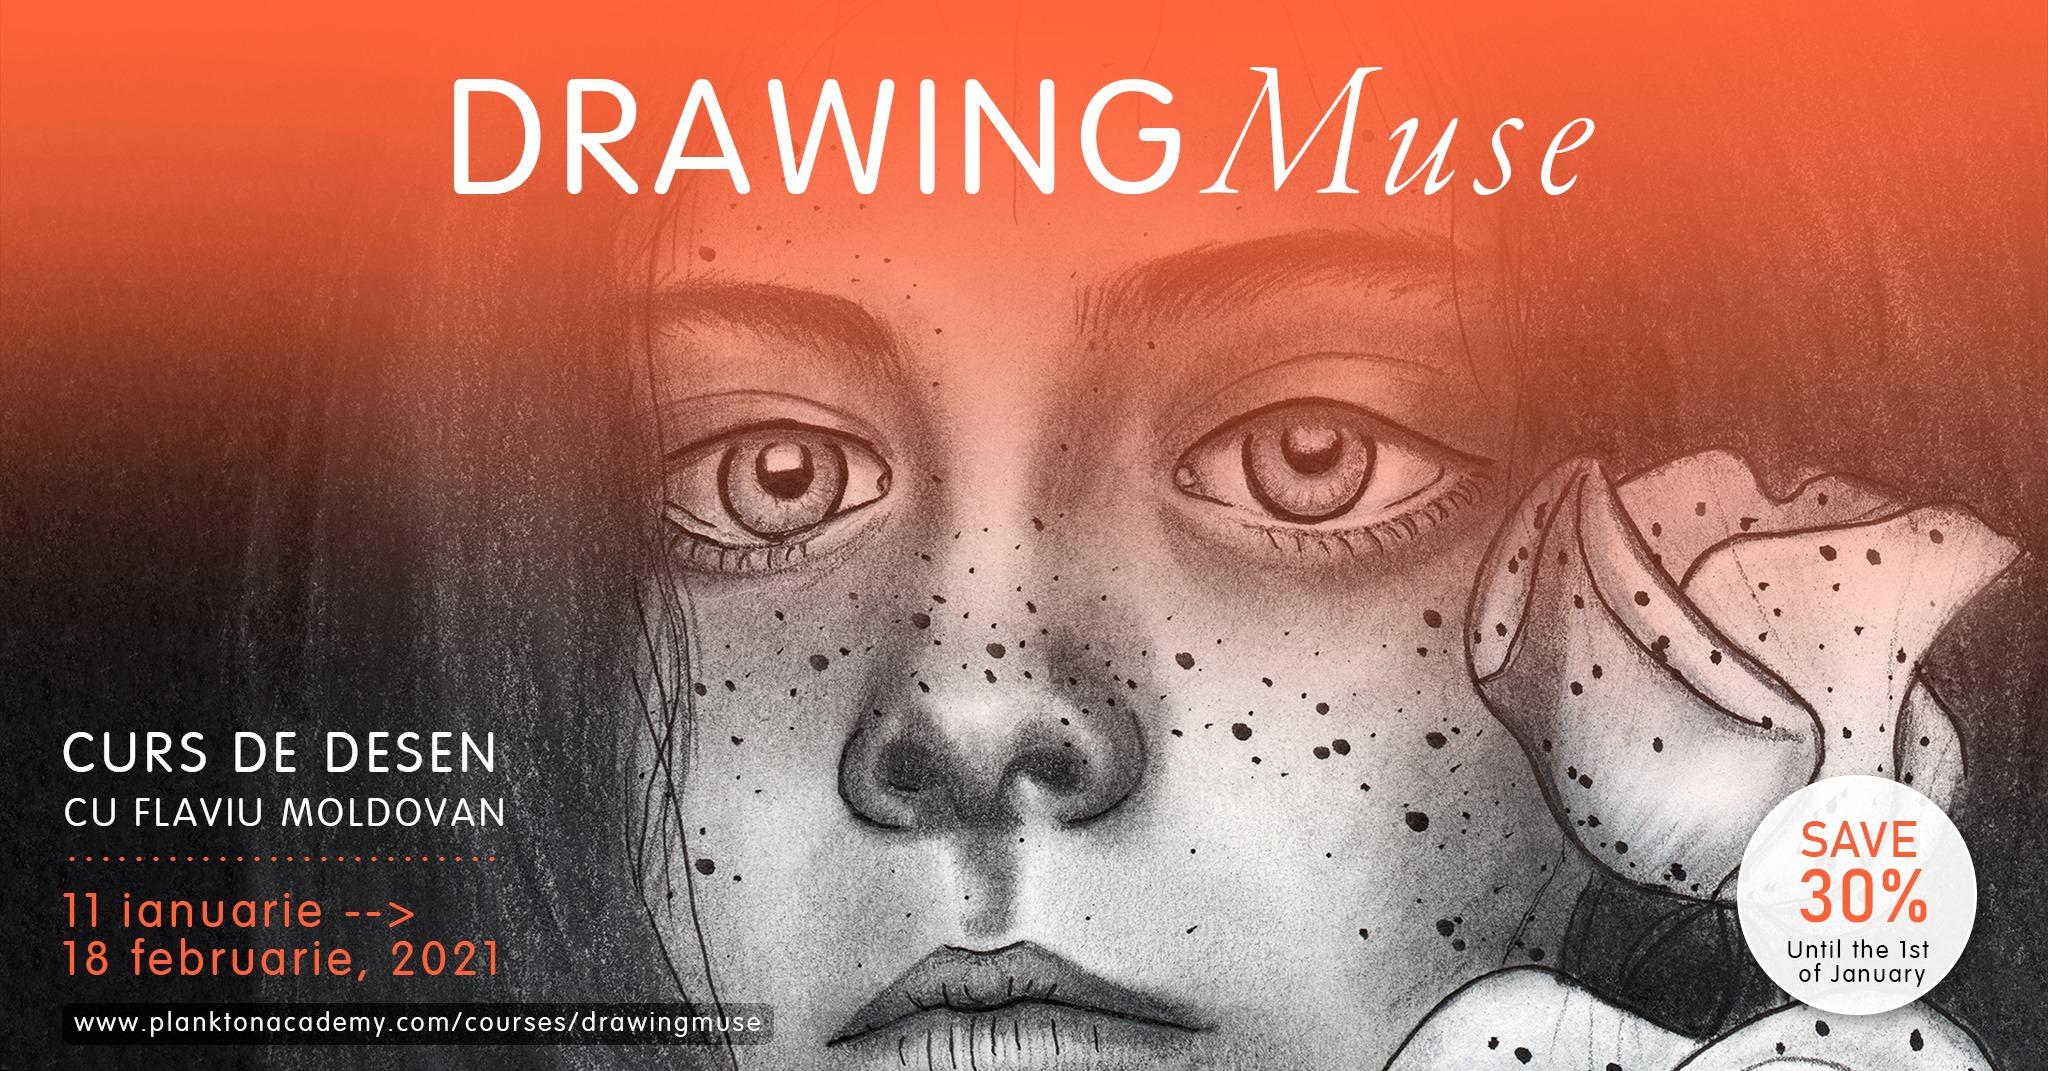 Drawing Muse – Curs de desen online